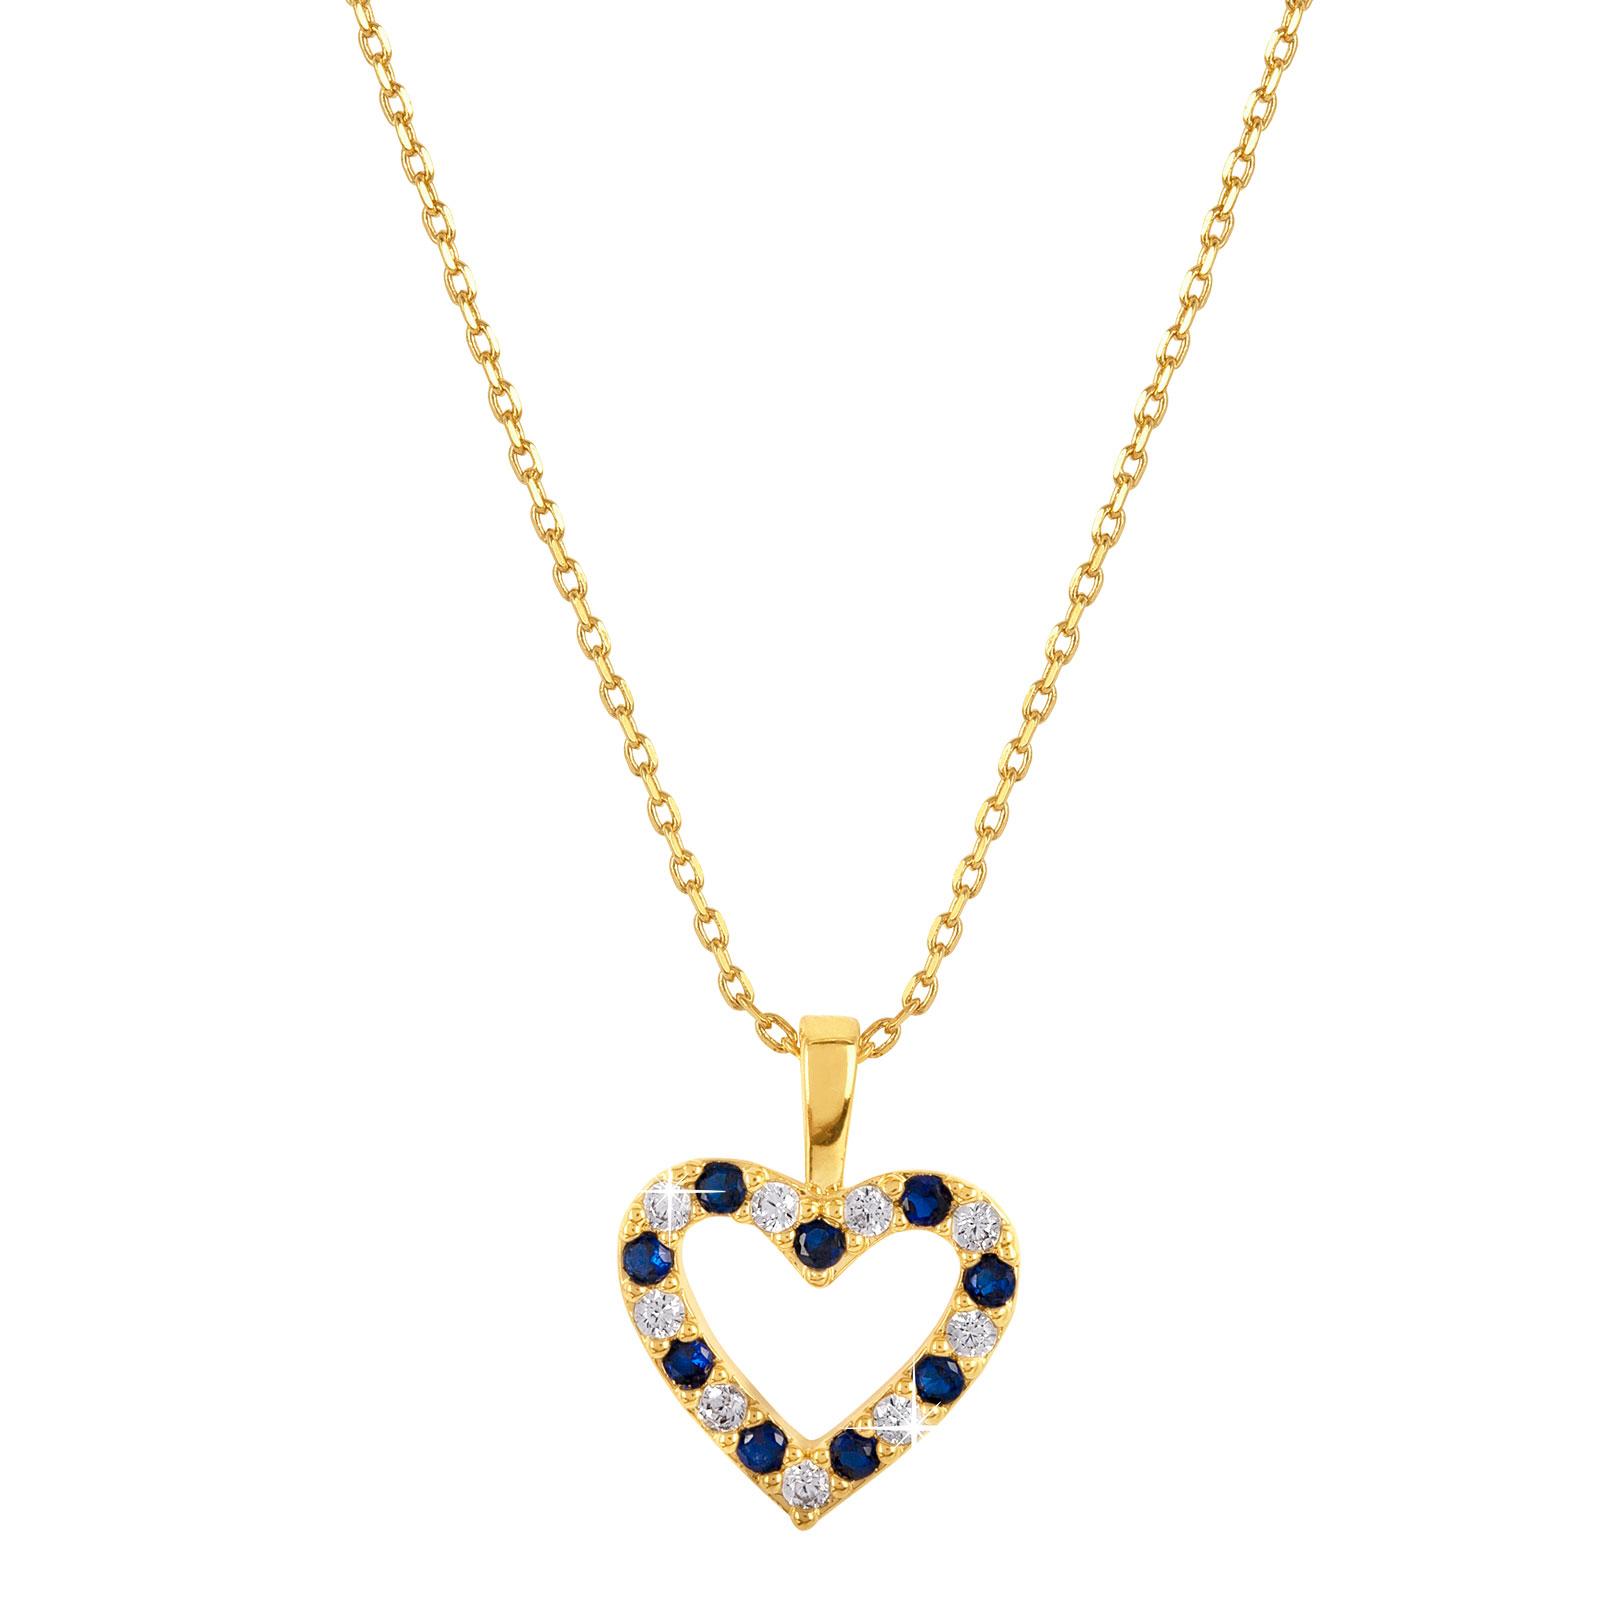 18k guldpläterat halsband - Berlock hjärta med blå och vita stenar